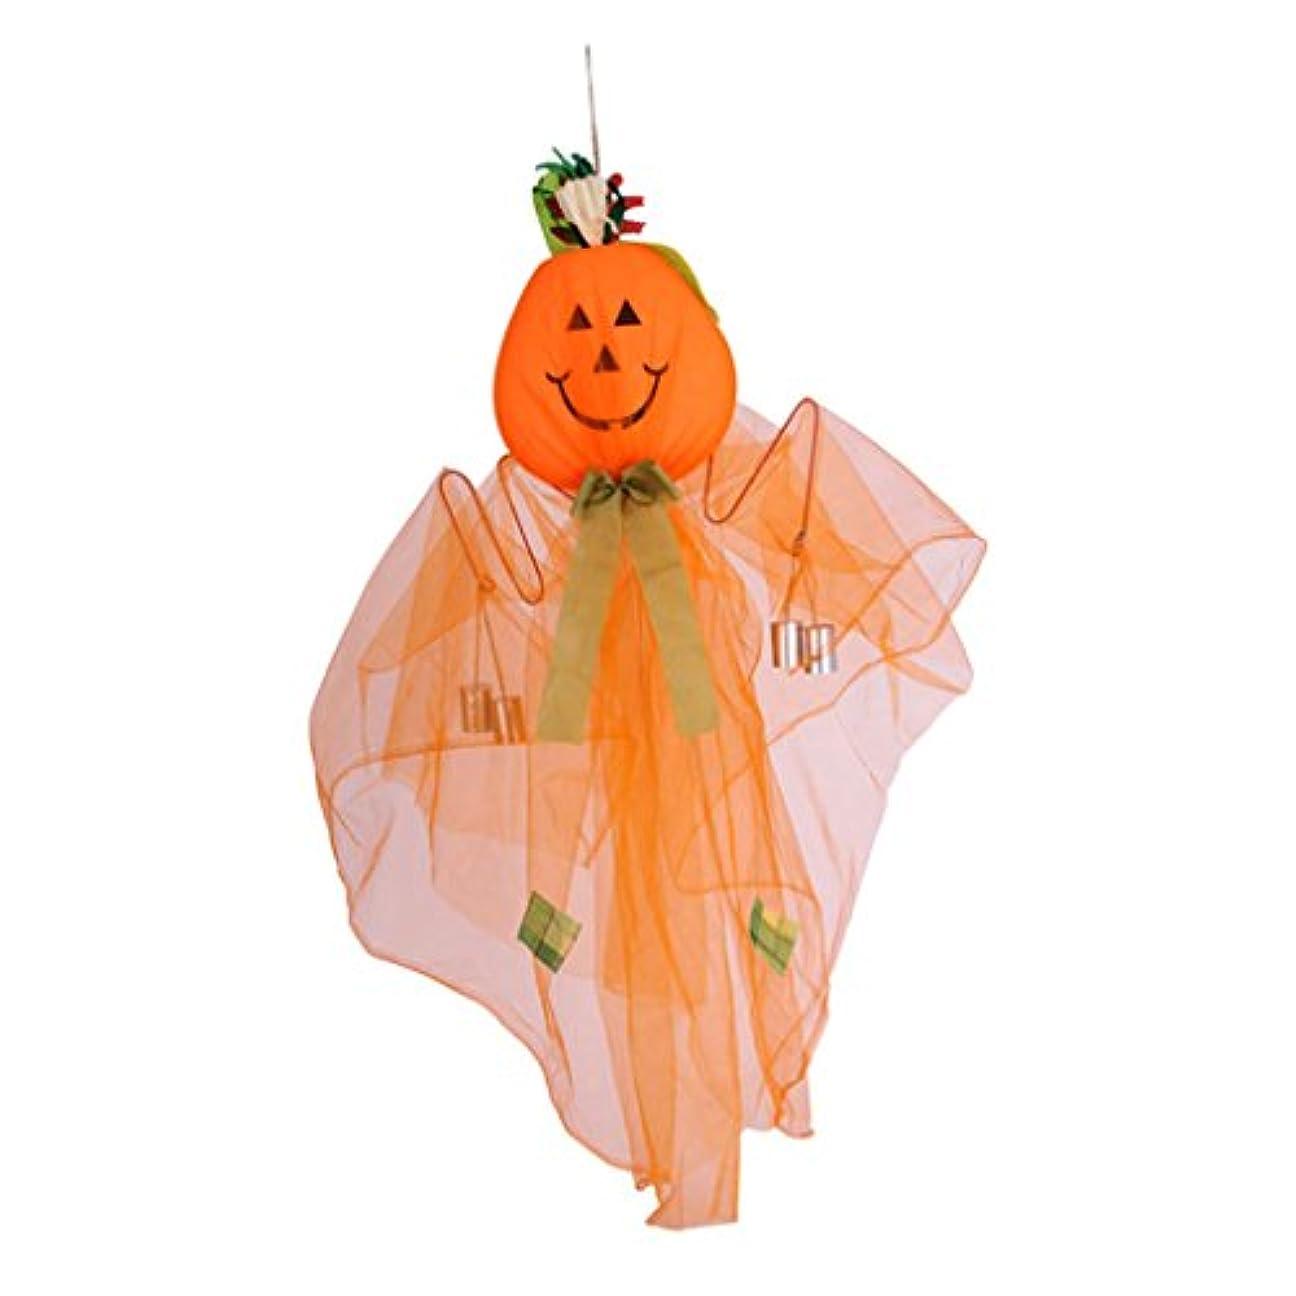 羊の服を着た狼冷凍庫話ハロウィーンの装飾カボチャの風鈴の装飾の小道具装飾的なハロウィーン用品 (Color : WHITE)